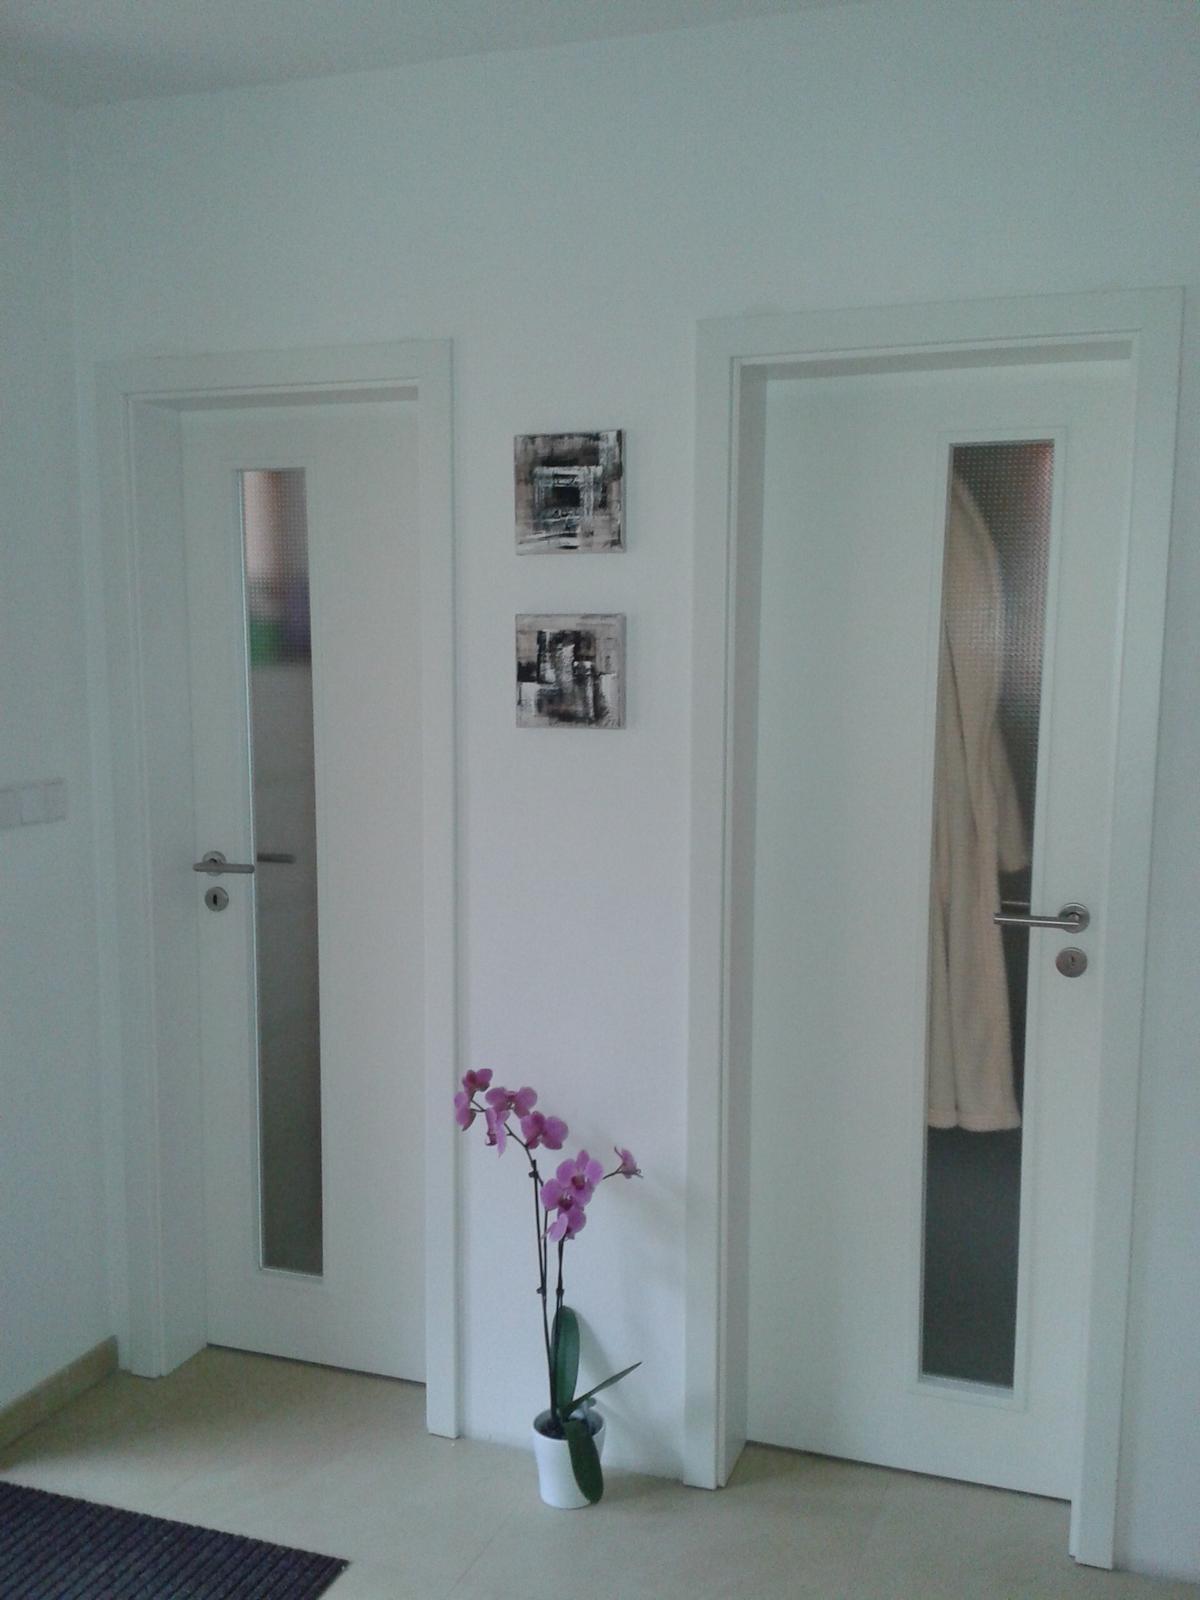 Mé obrazy v interiérech - Obrázek č. 18